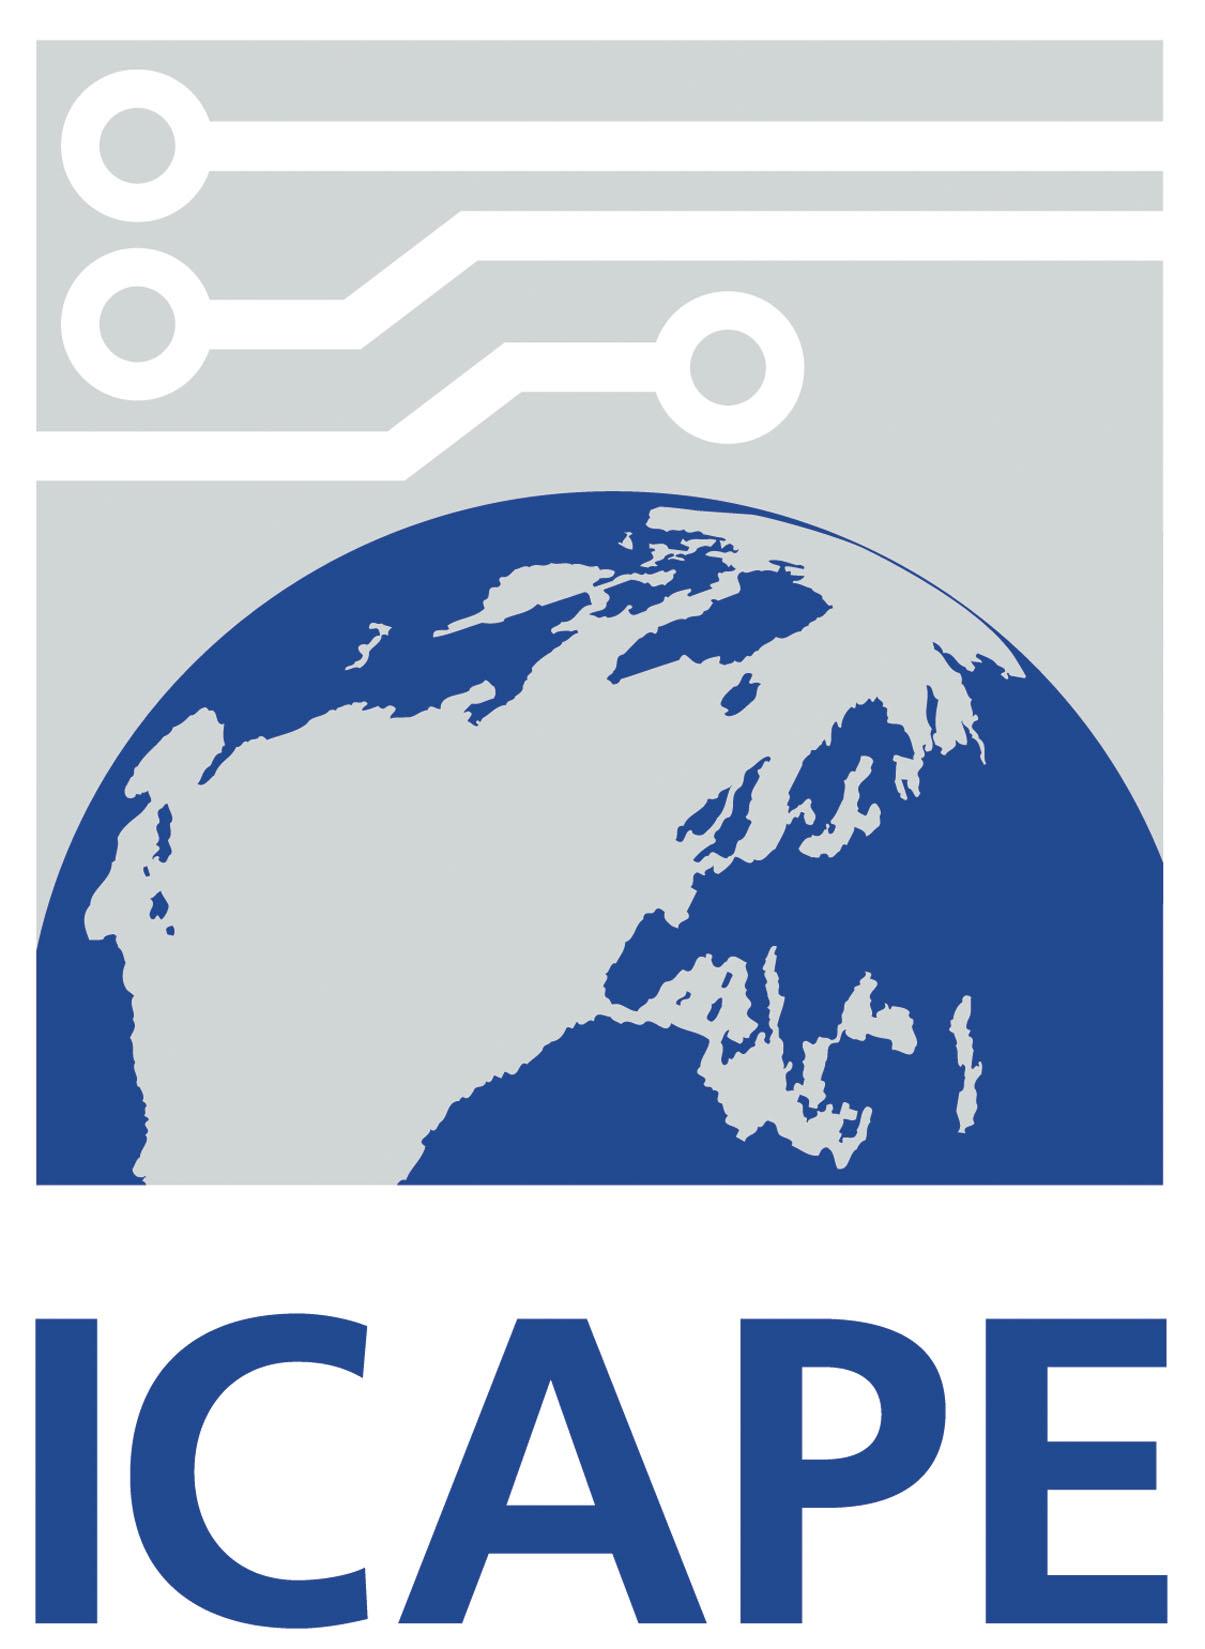 Актуальные антикризисные решения от компании ICAPE